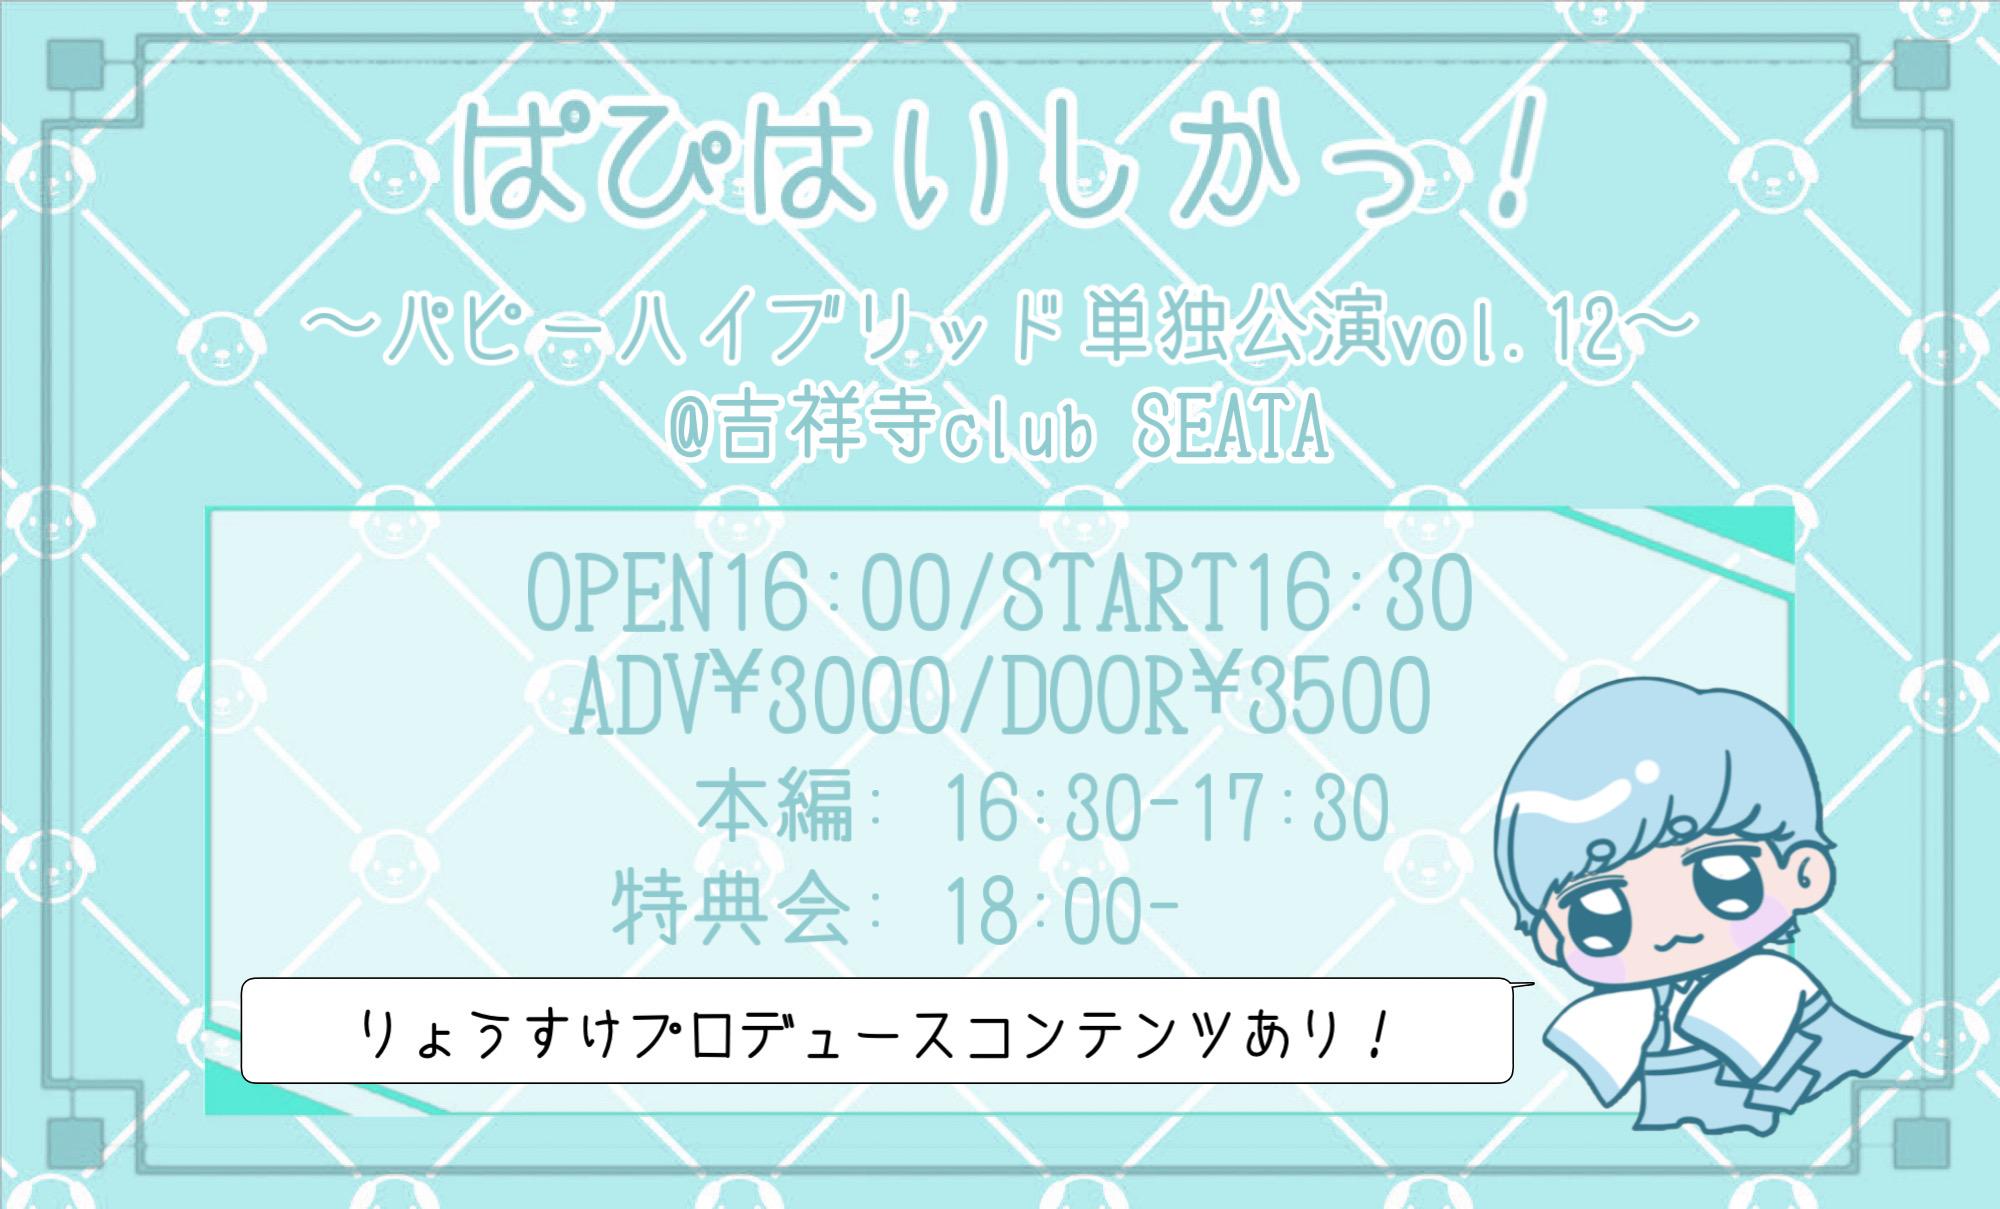 ぱぴはいしかっ!〜パピーハイブリッド単独公演vol.12〜